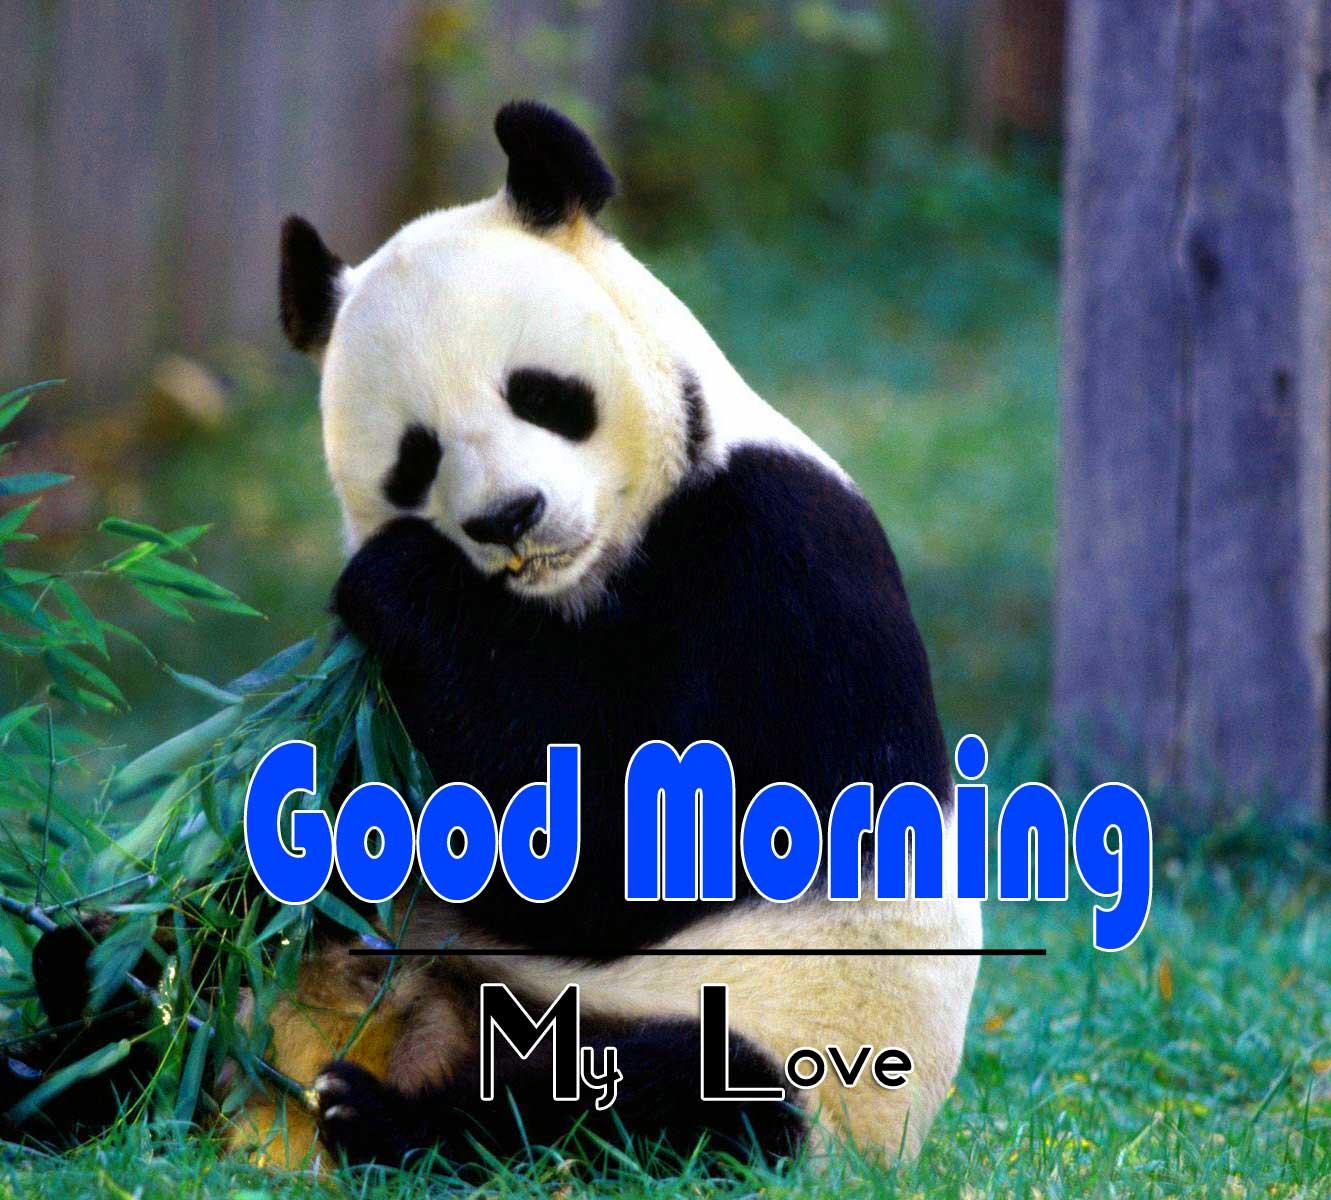 Animal Good Morning Image 6